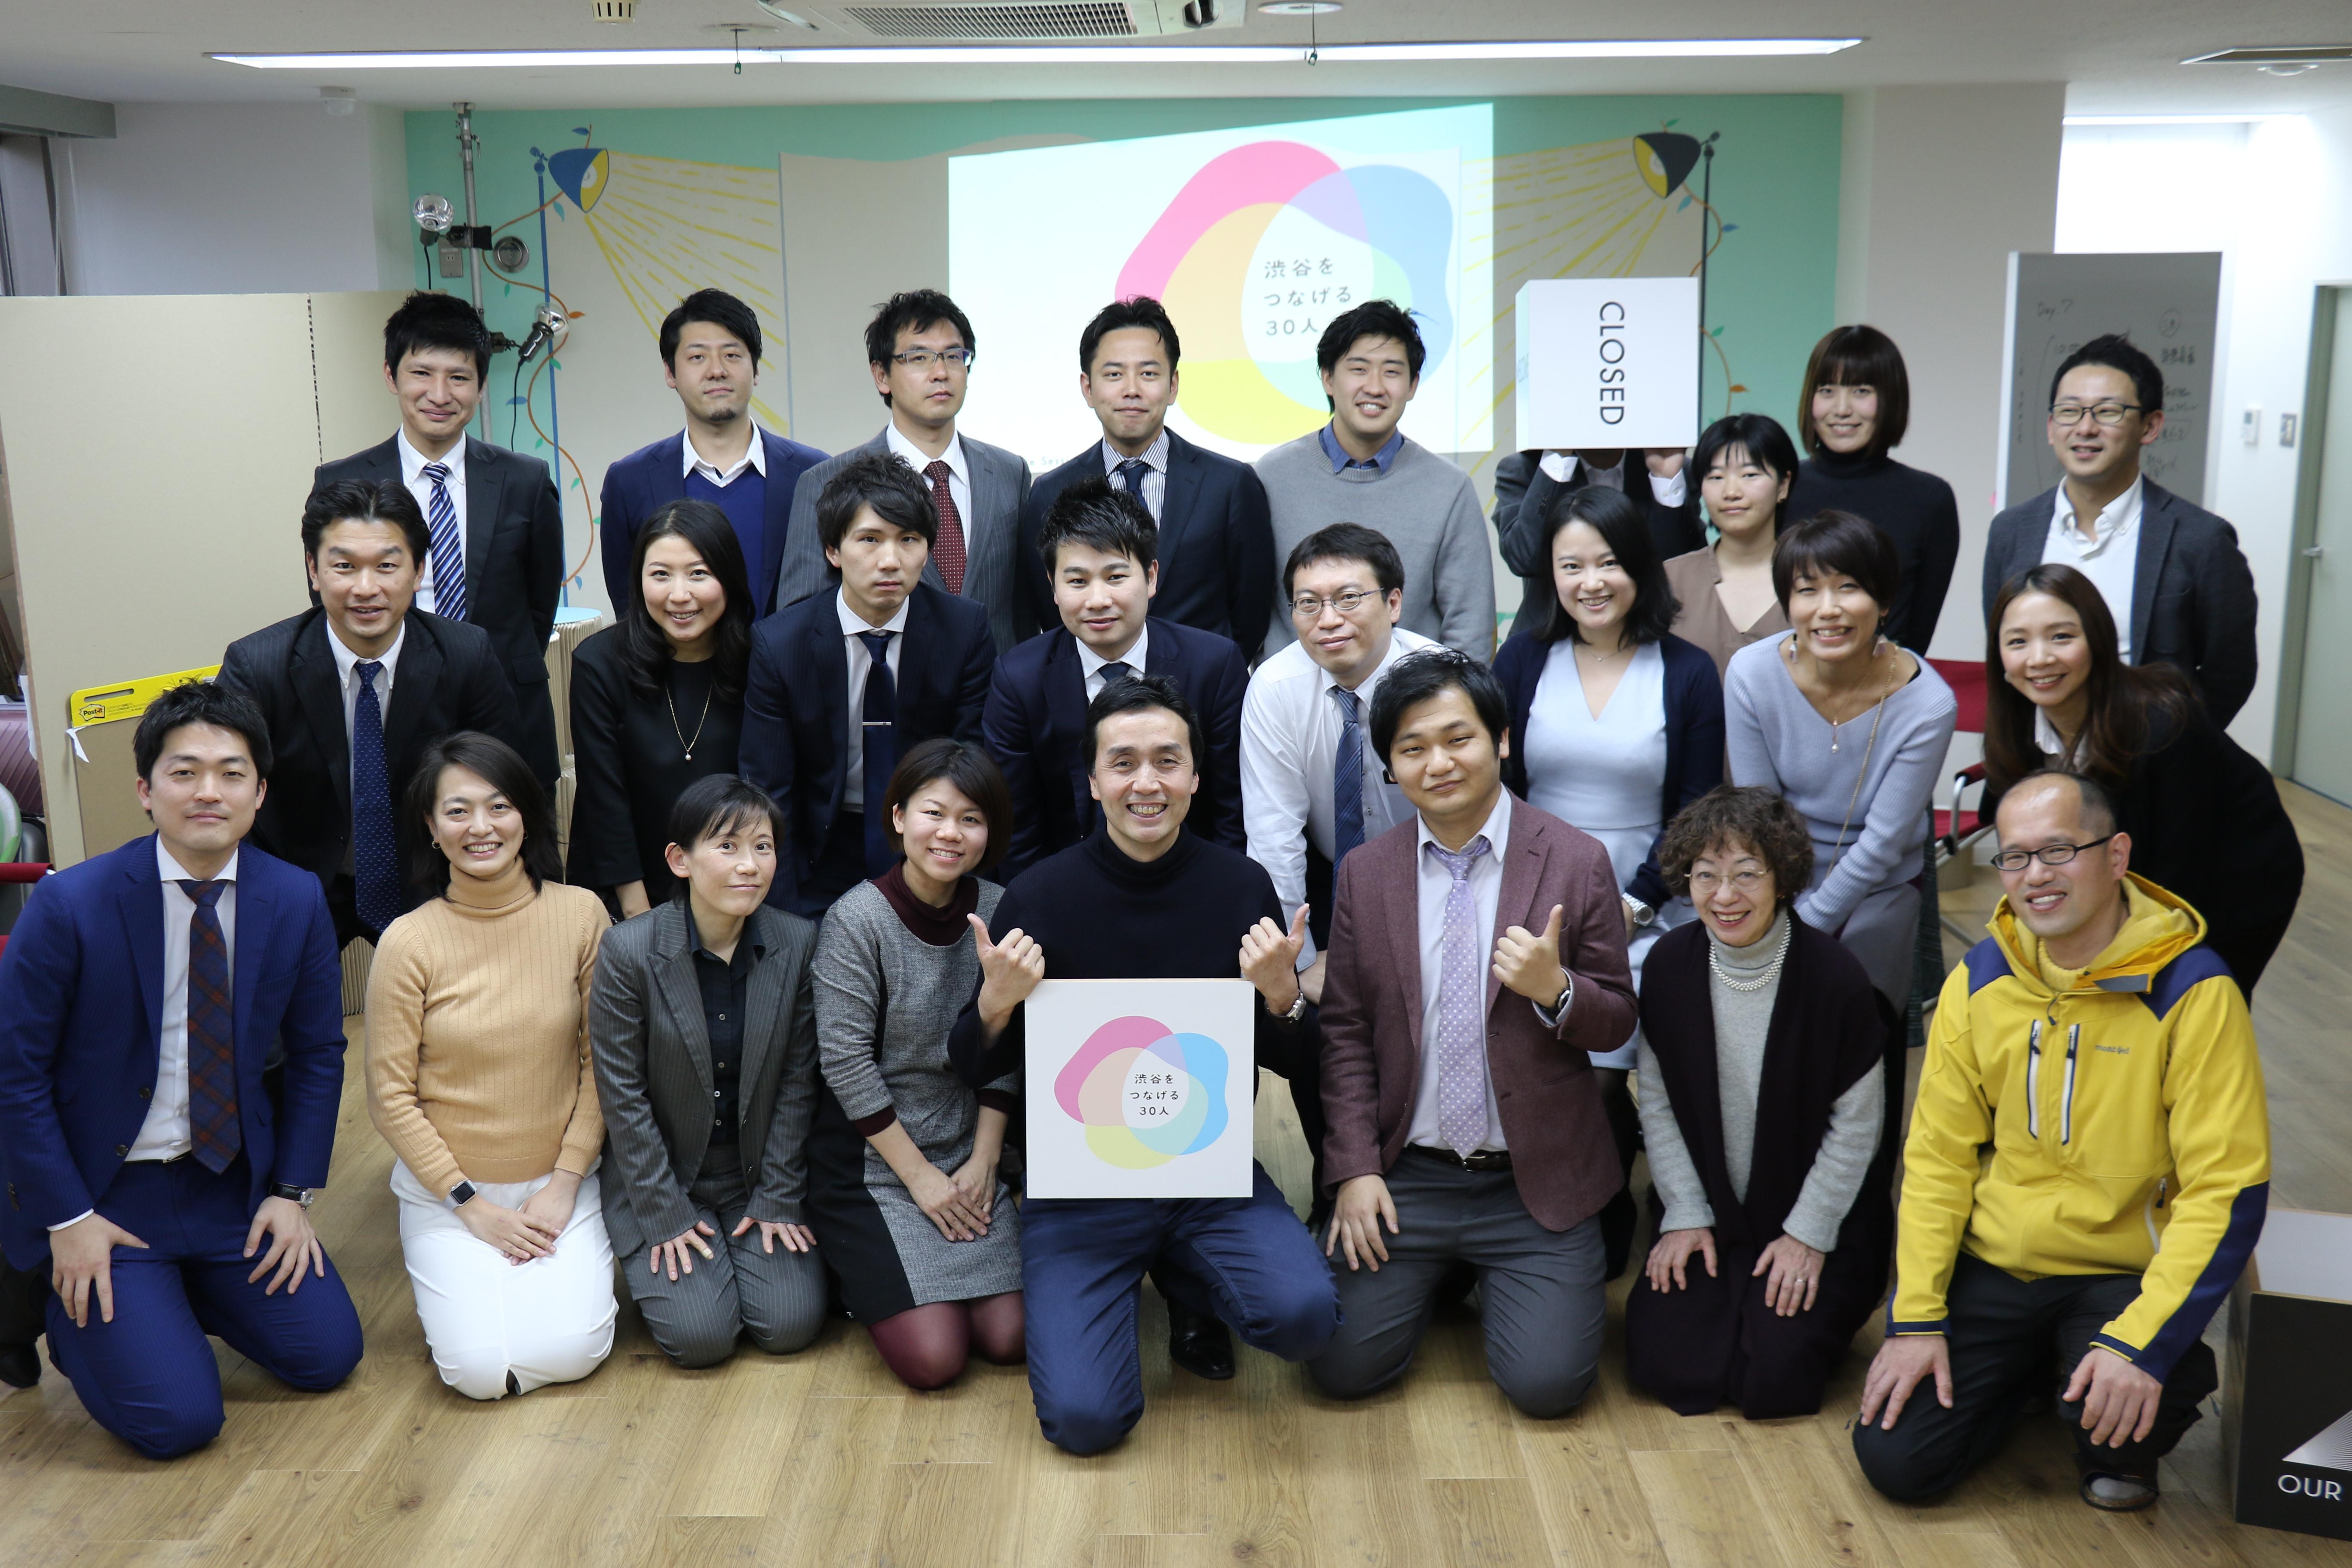 「渋谷をつなげる30人」第2期が終了しました